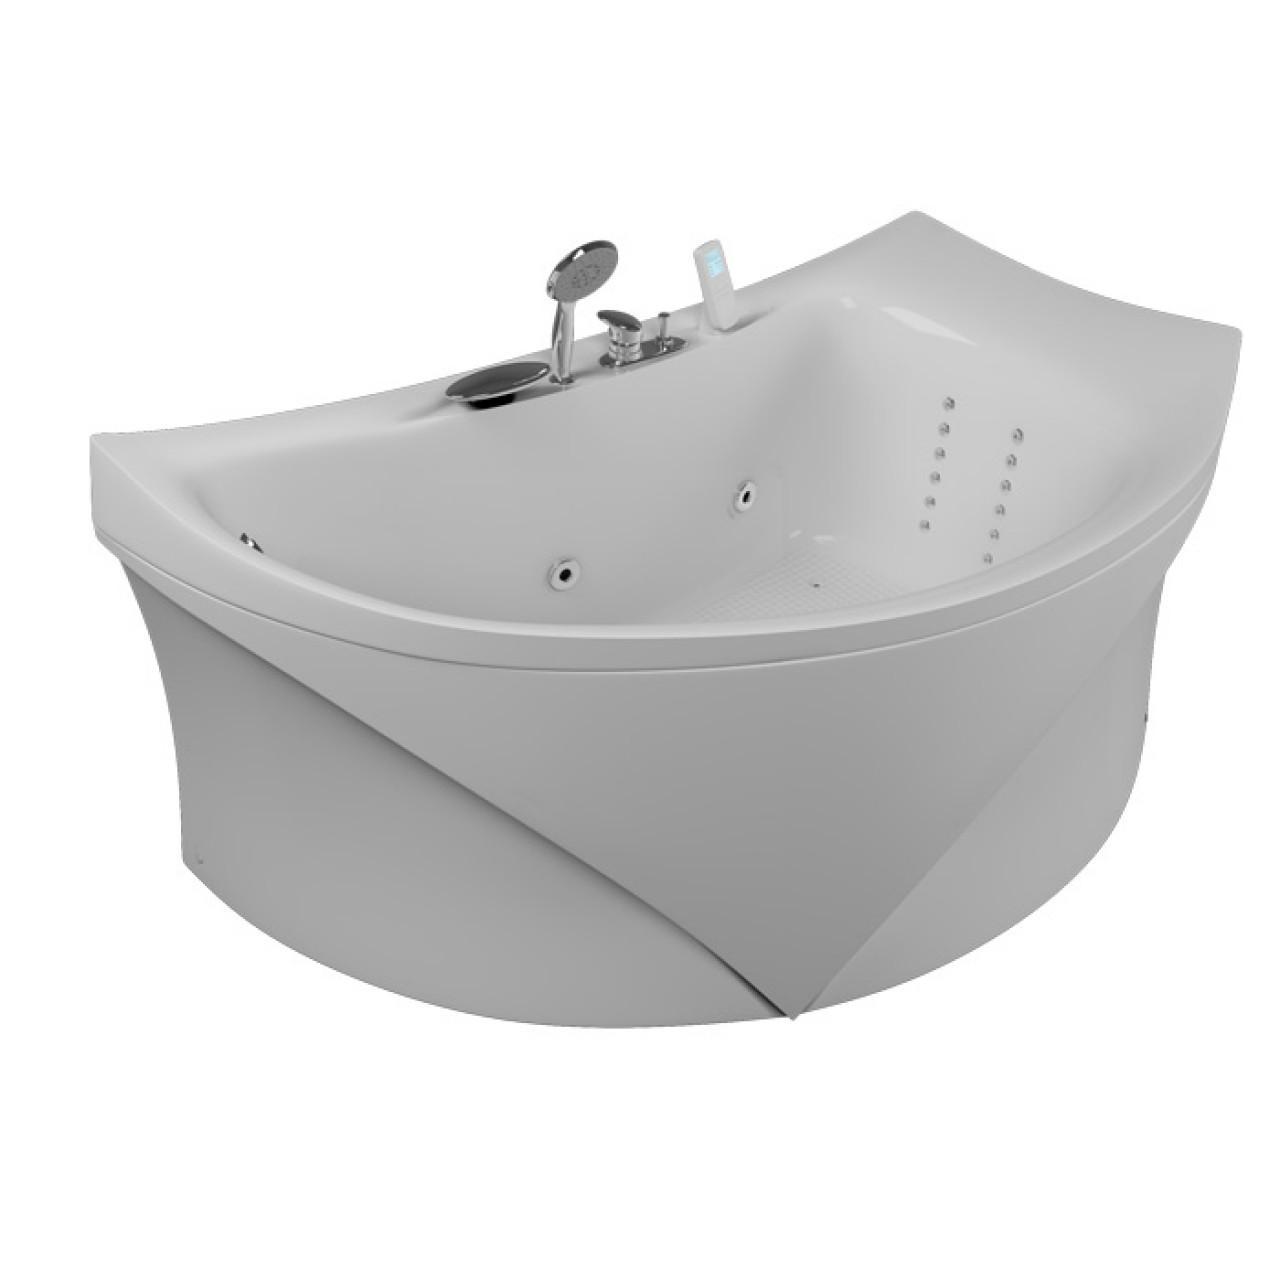 Акриловая ванна Акватика Готика Reflexa 150x90x65 купить в Москве по цене от 110039р. в интернет-магазине mebel-v-vannu.ru